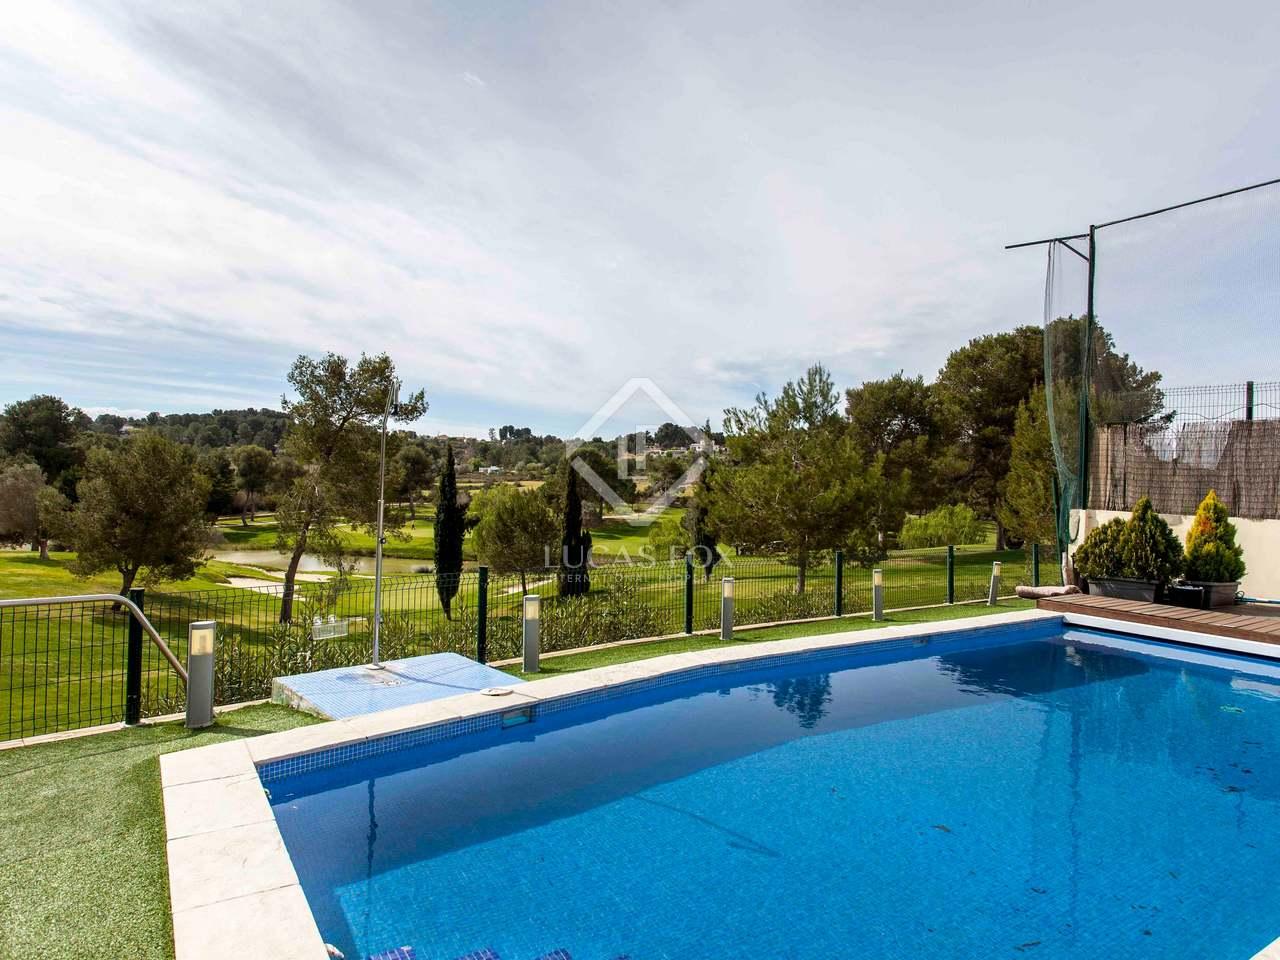 5 bedroom villa for sale in el bosque valencia for Villas valencia